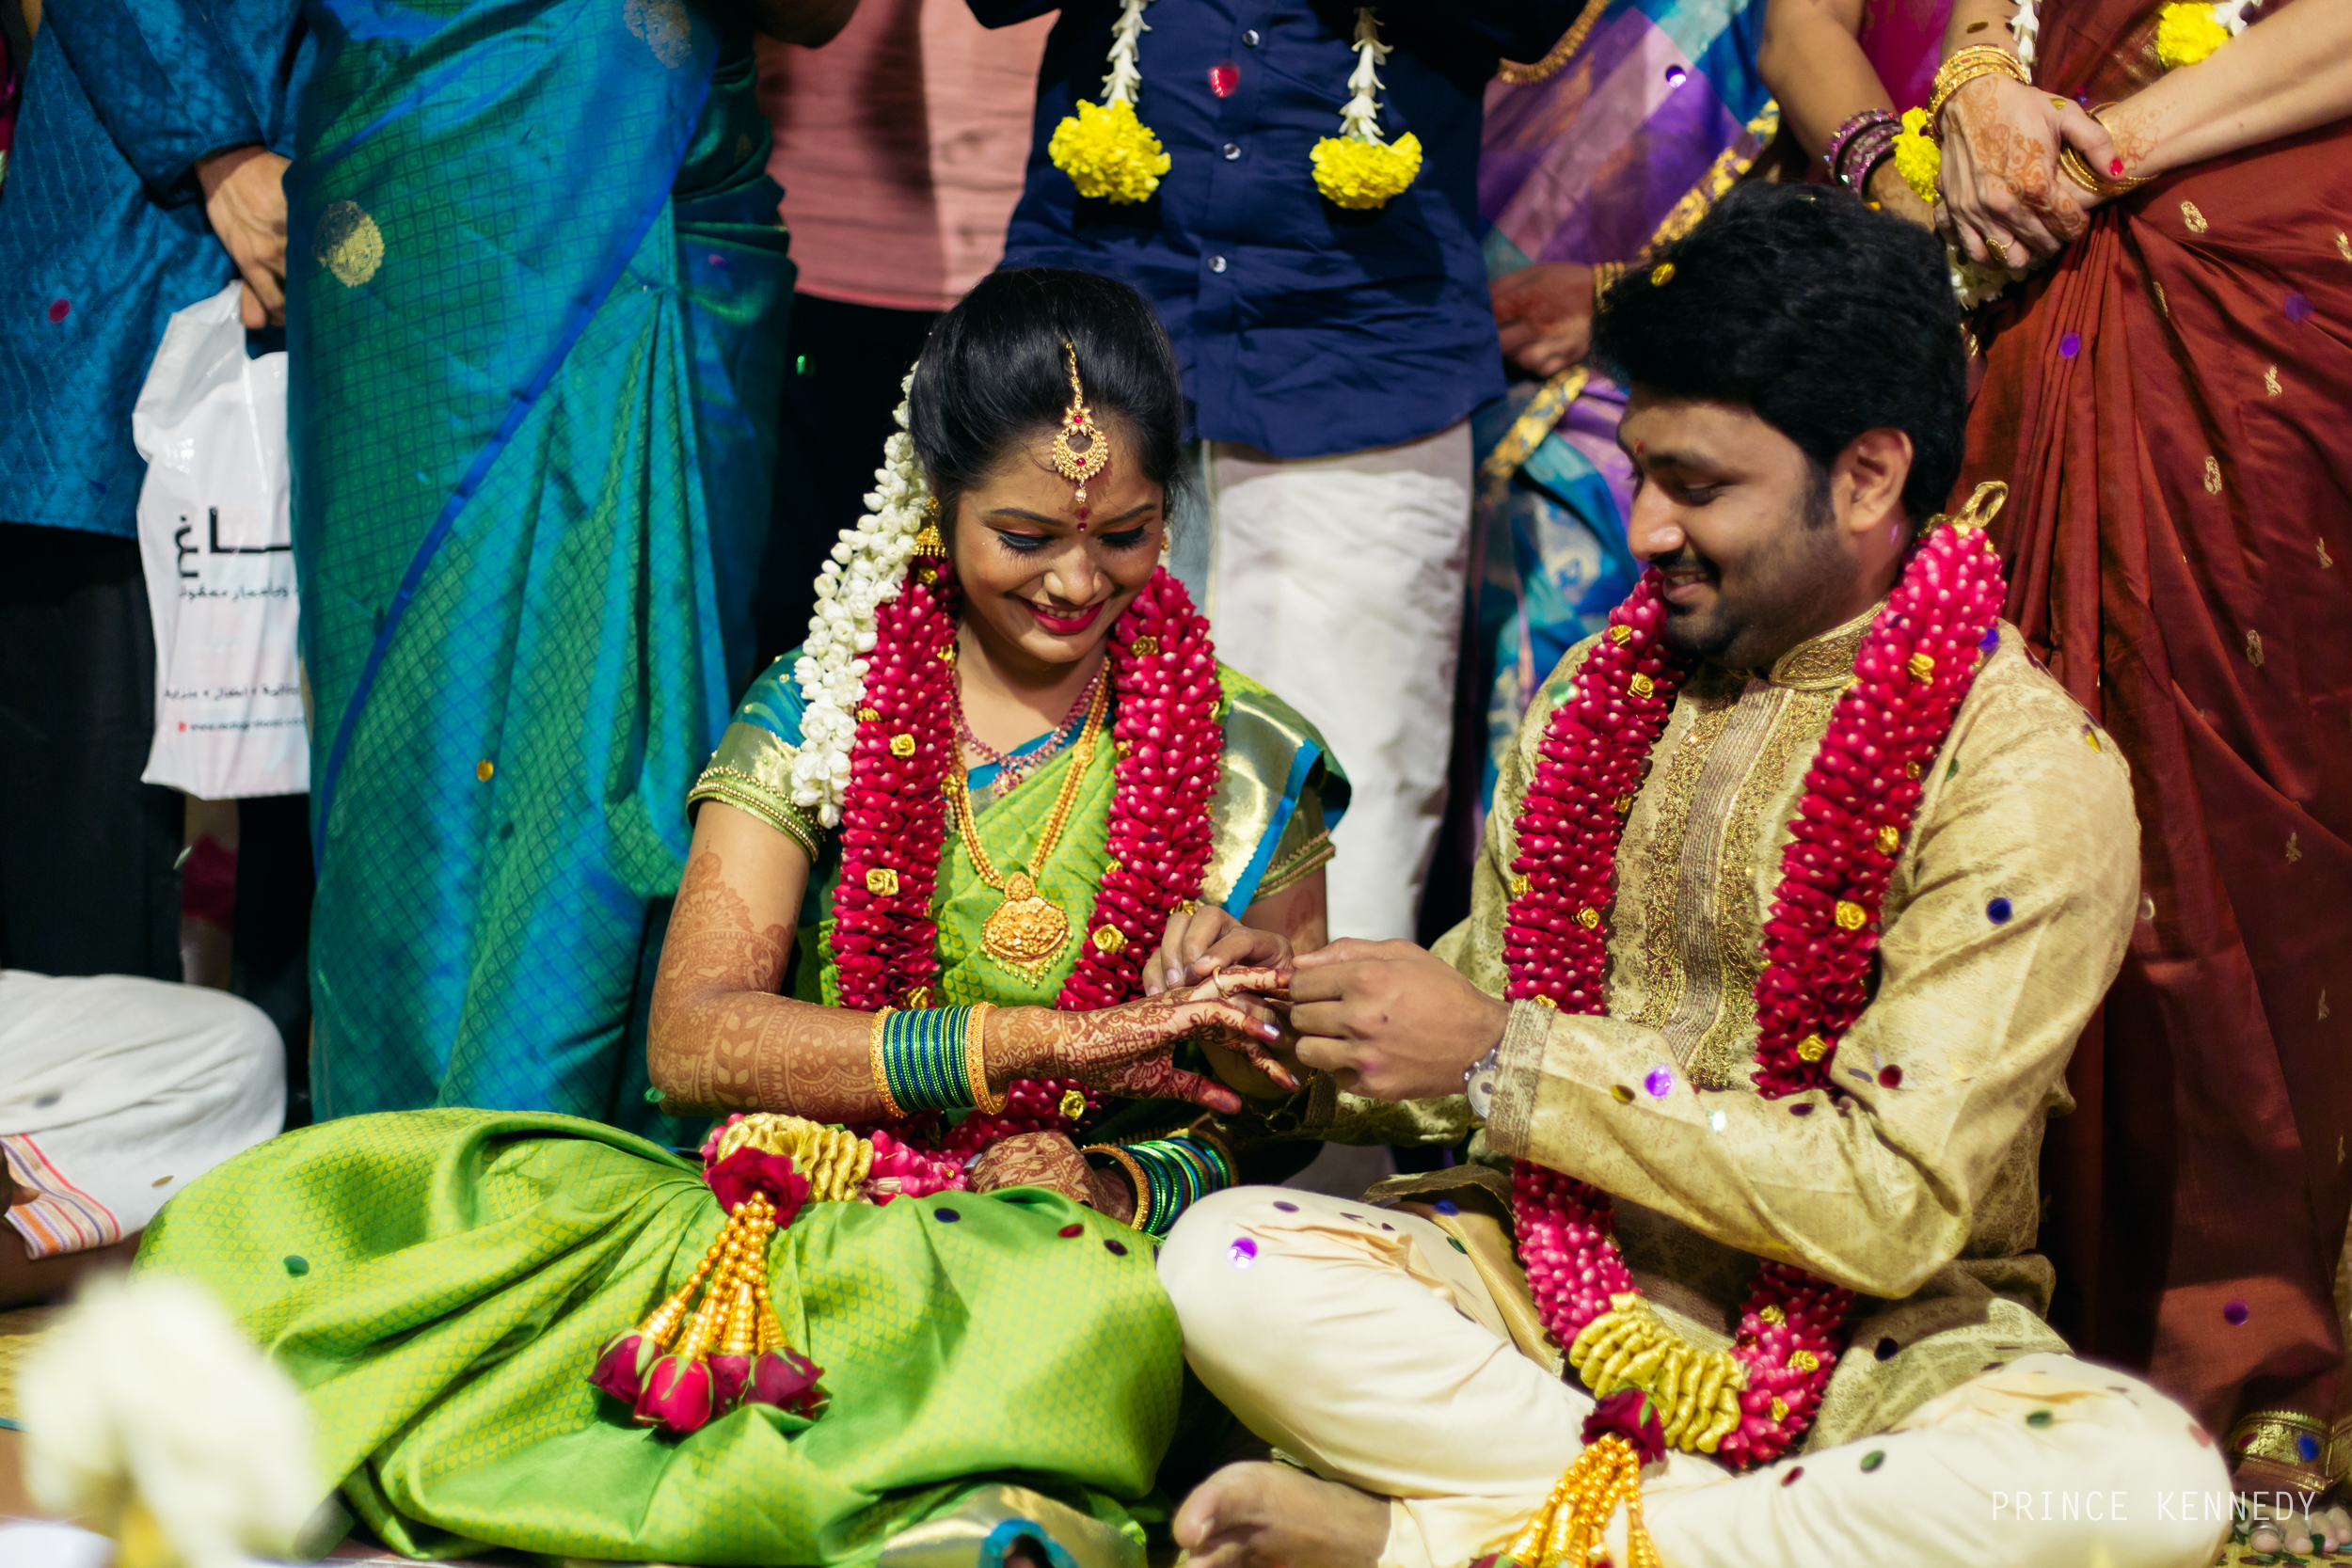 Engagement-Couple-Portrait-Portraiture-Wedding-Couple-Portrait-Chennai-Photographer-Candid-Photography-Destination-Best-Prince-Kennedy-Photography-232.jpg